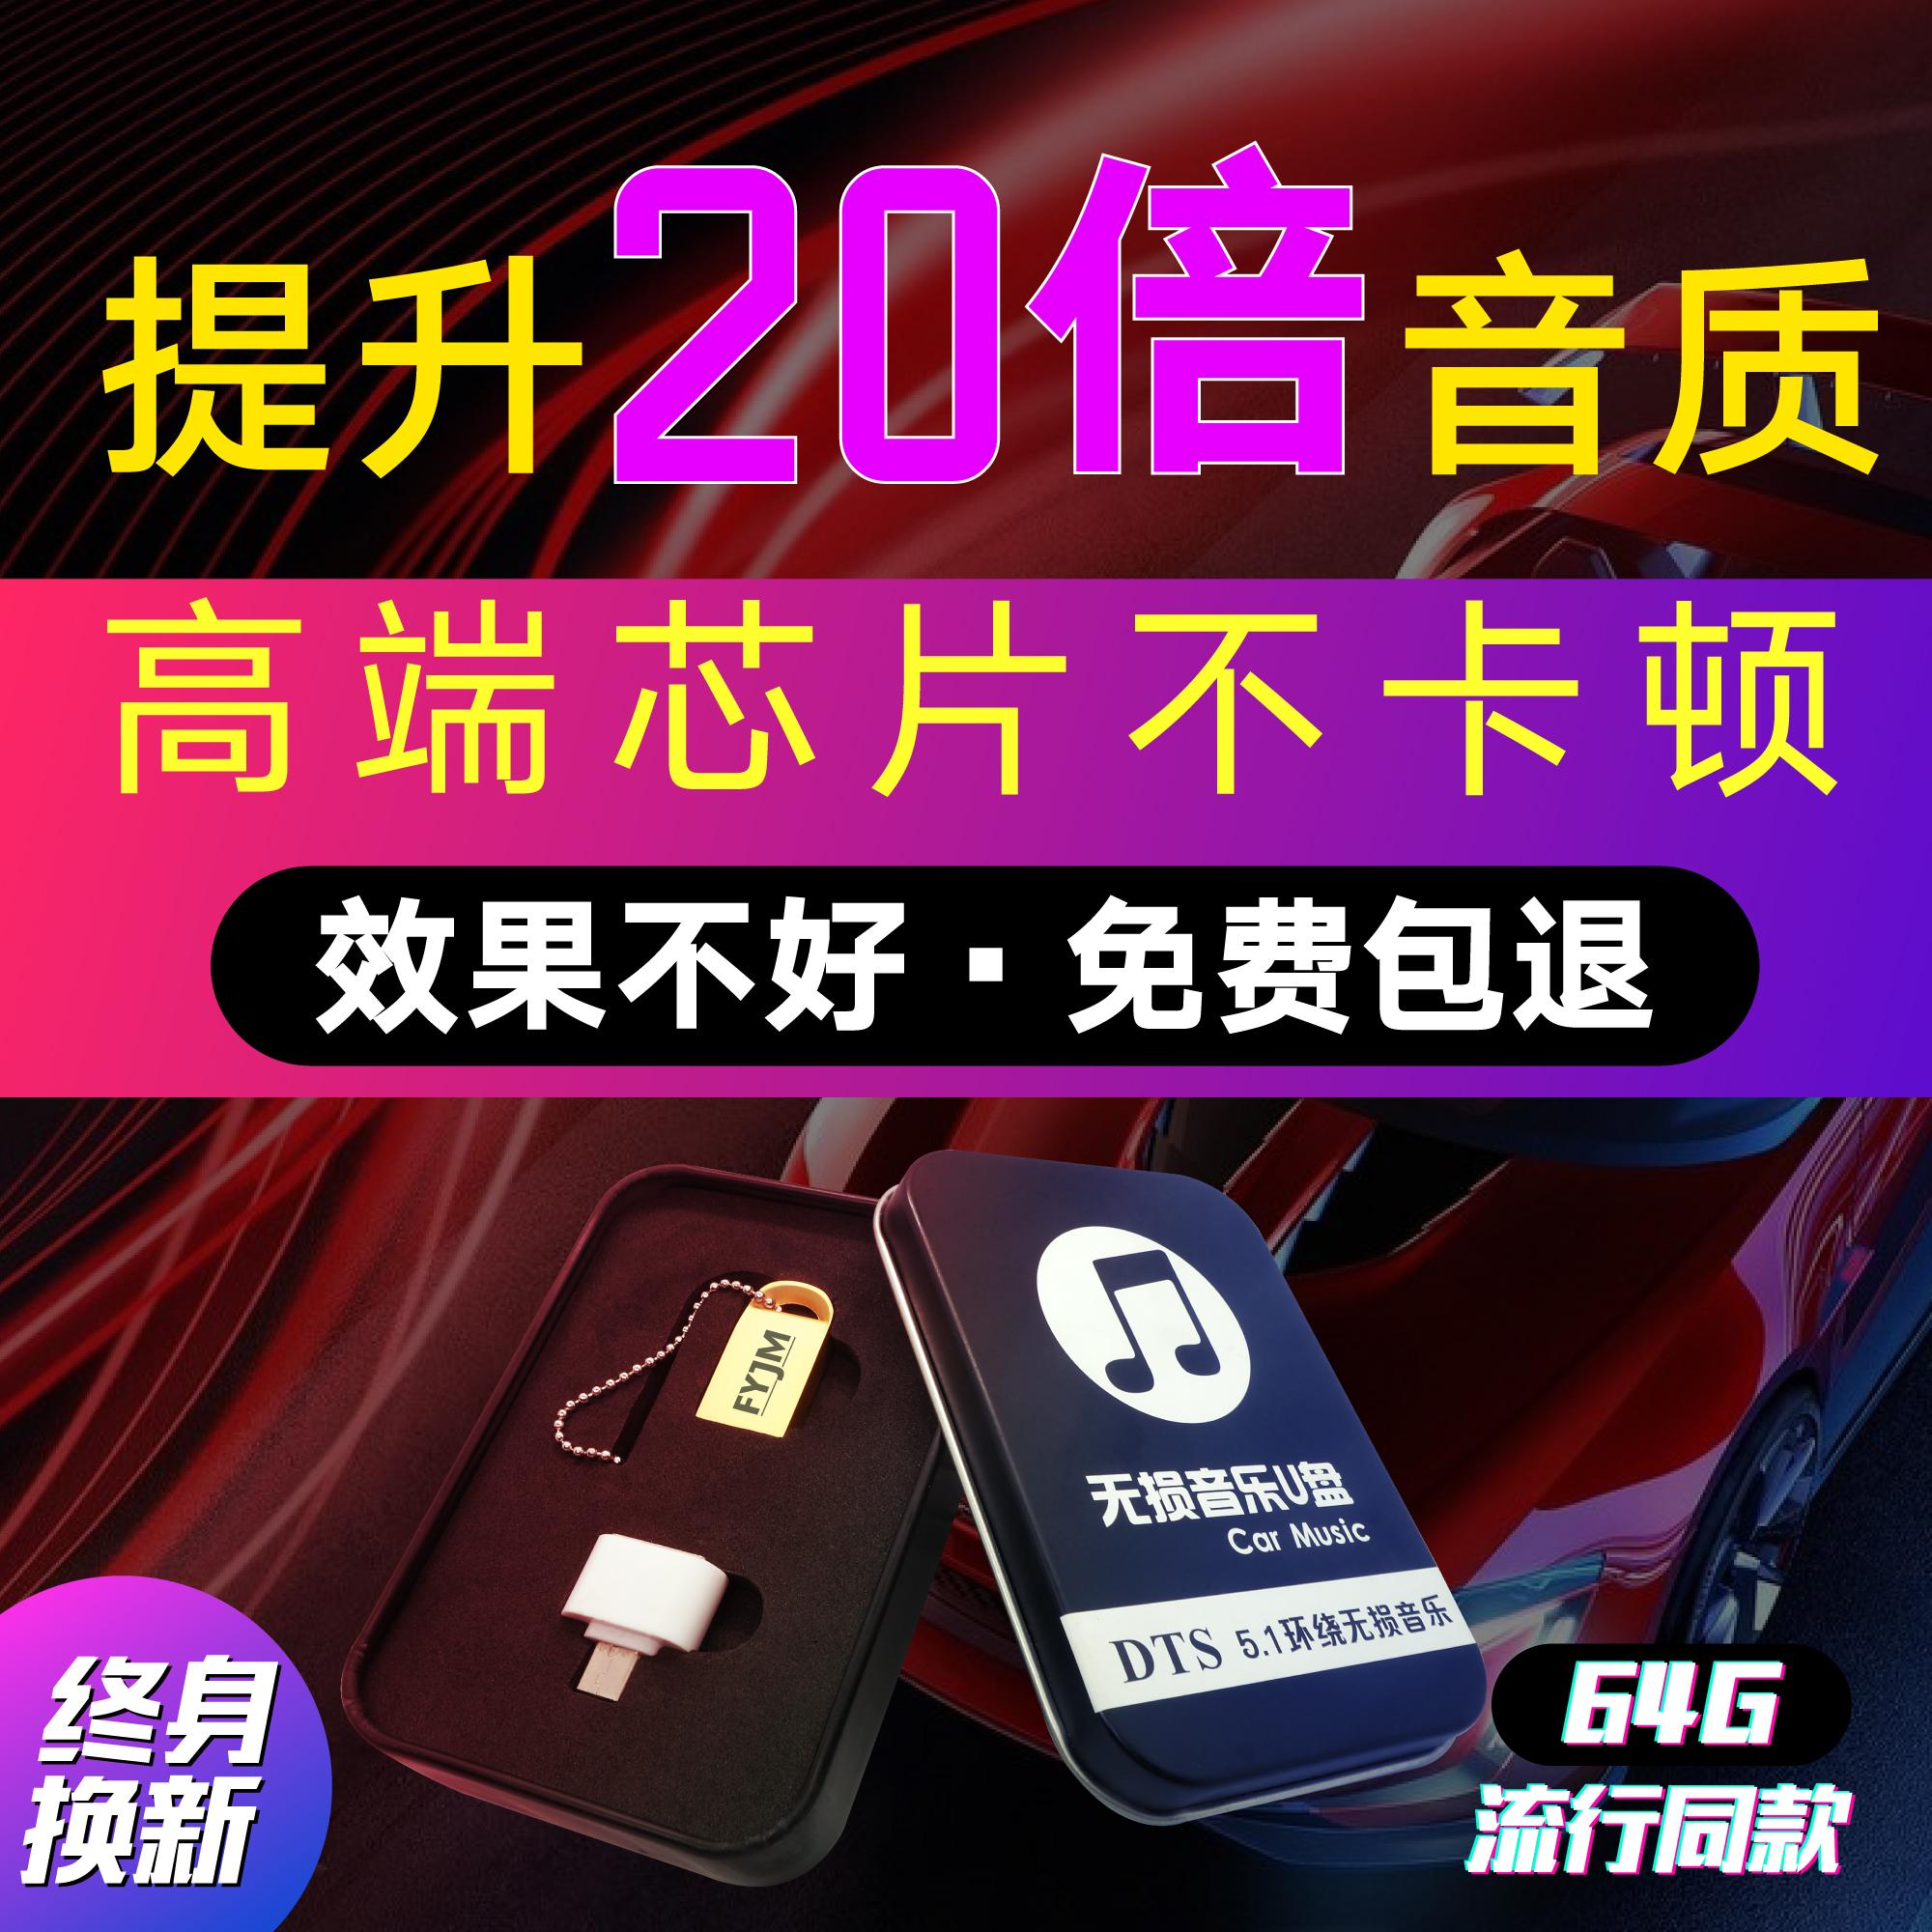 汽车车载u盘带歌曲32g高音质MP3音乐优盘5.1声道无损mp4流行抖音